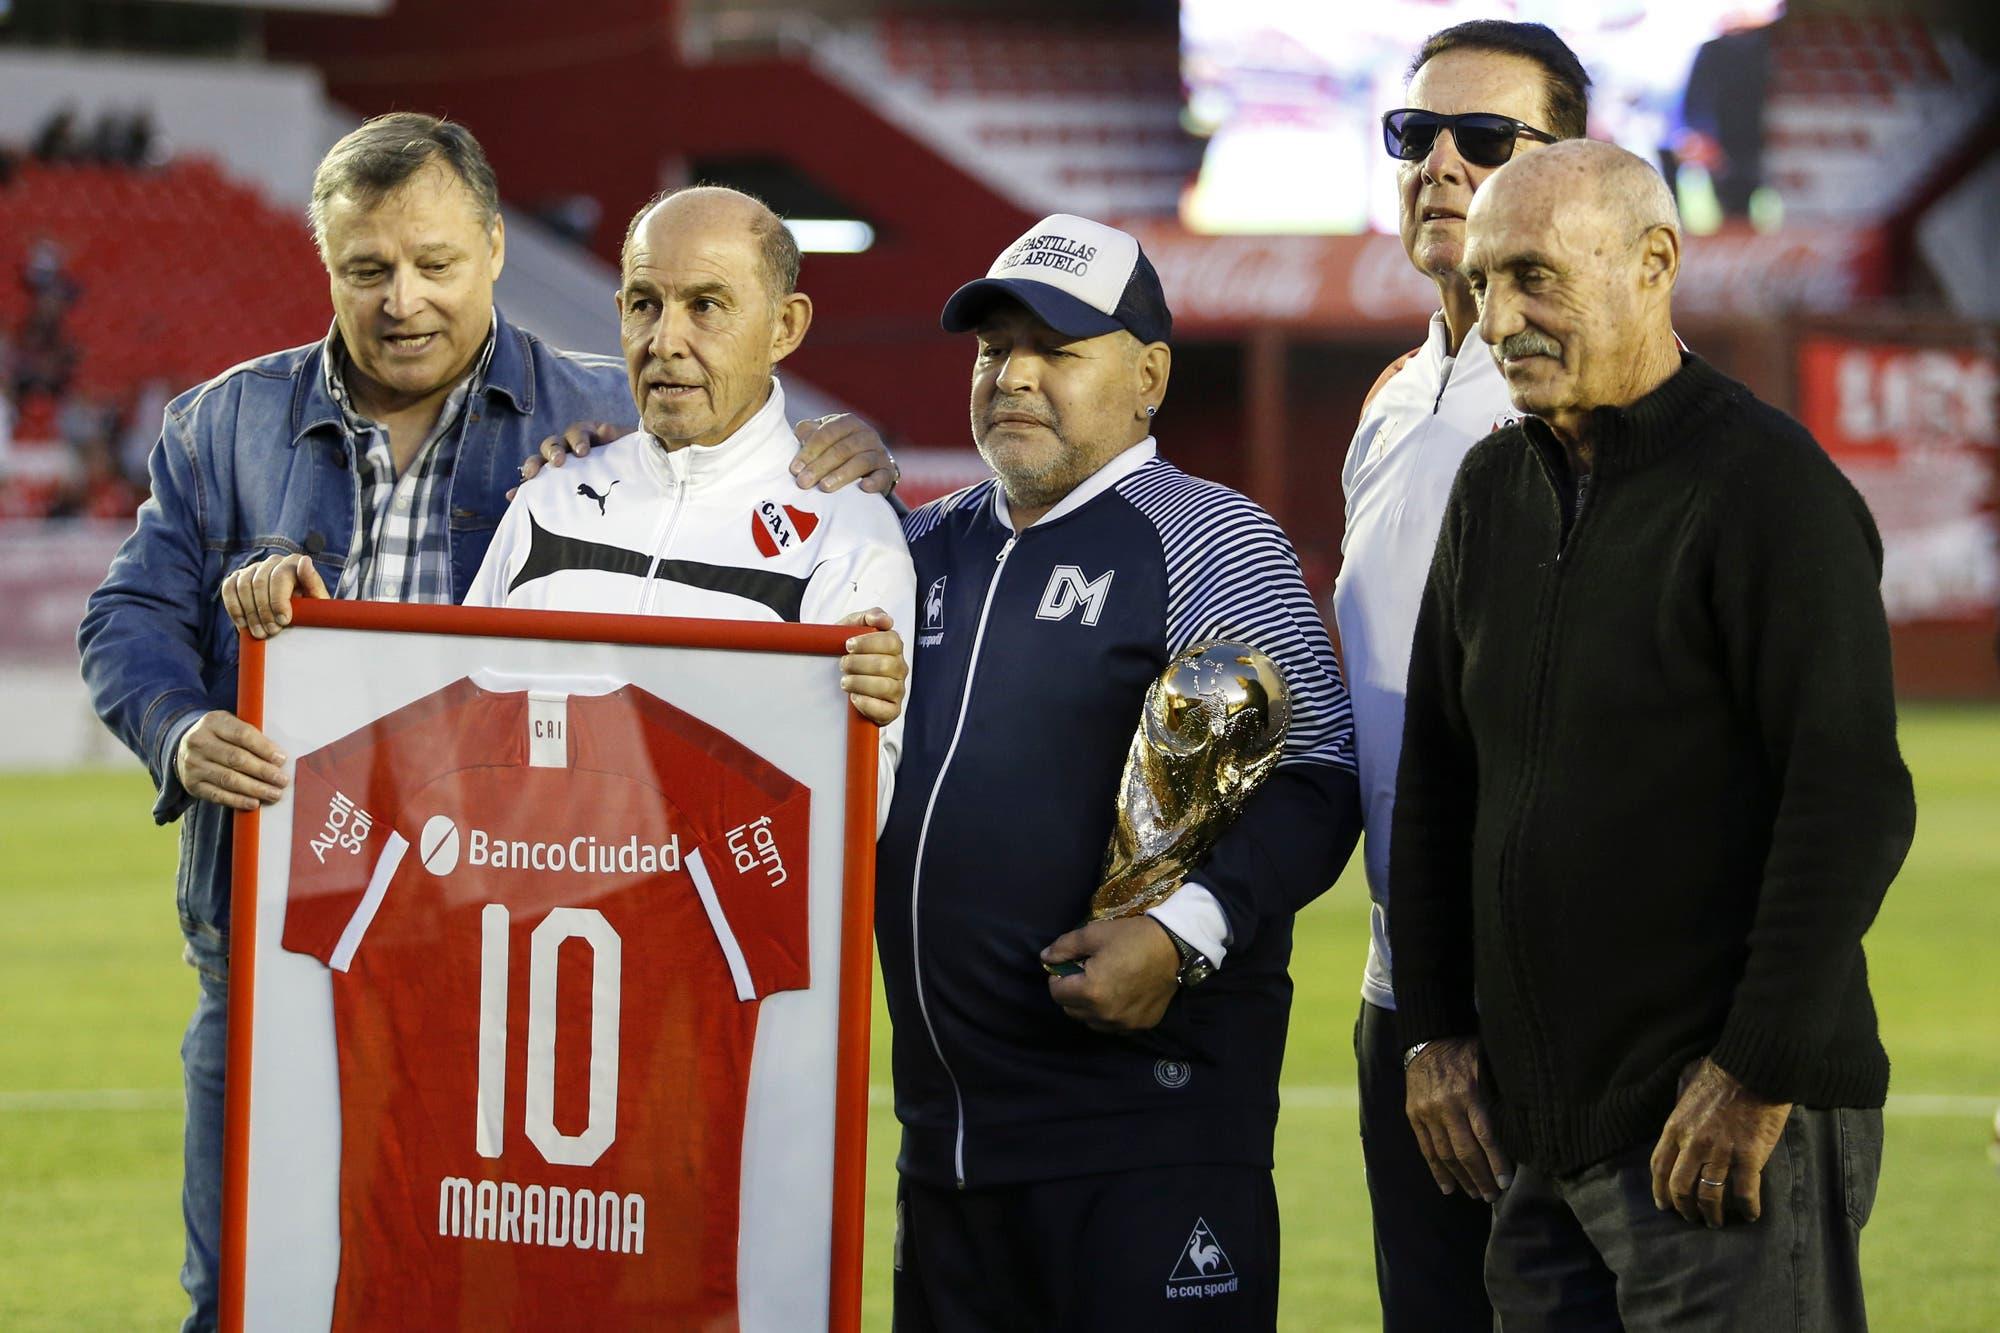 Emoción a flor de piel: Bochini, Bertoni y todo Independiente, en el mejor tributo a Maradona